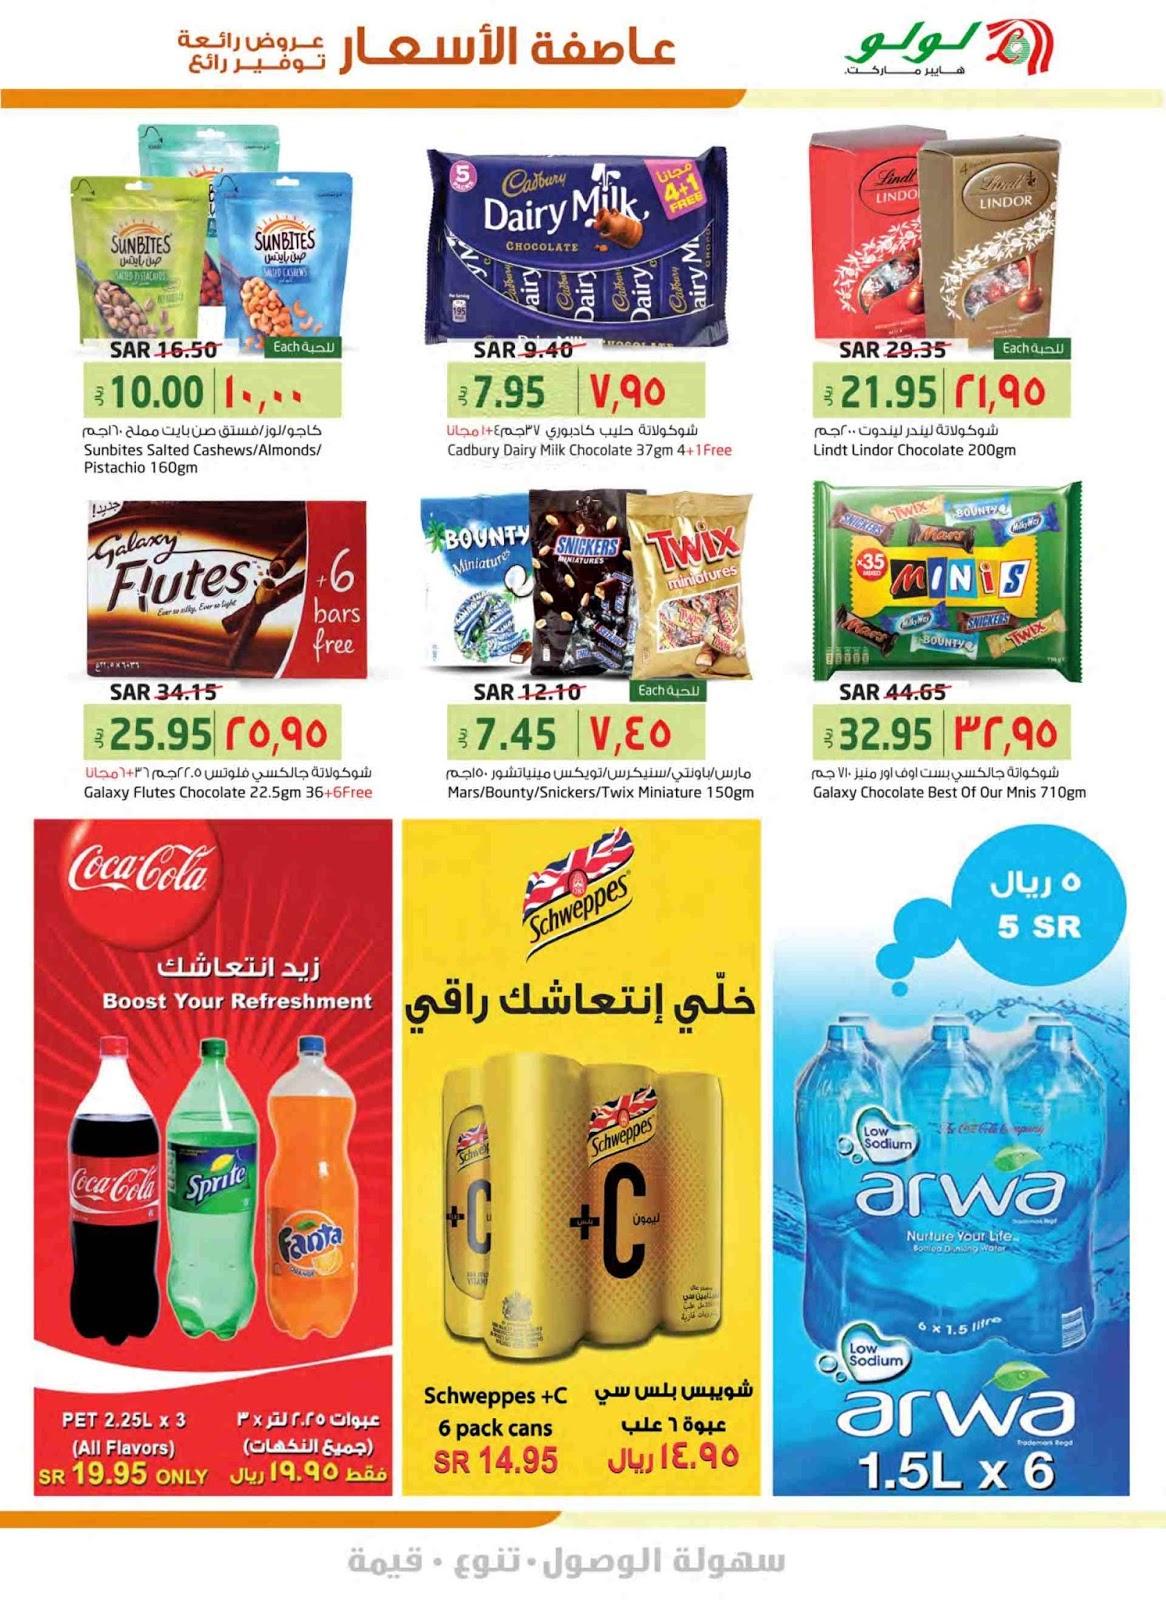 عروض لولو الرياض الاسبوعية من 21 فبراير حتى 27 فبراير 2018